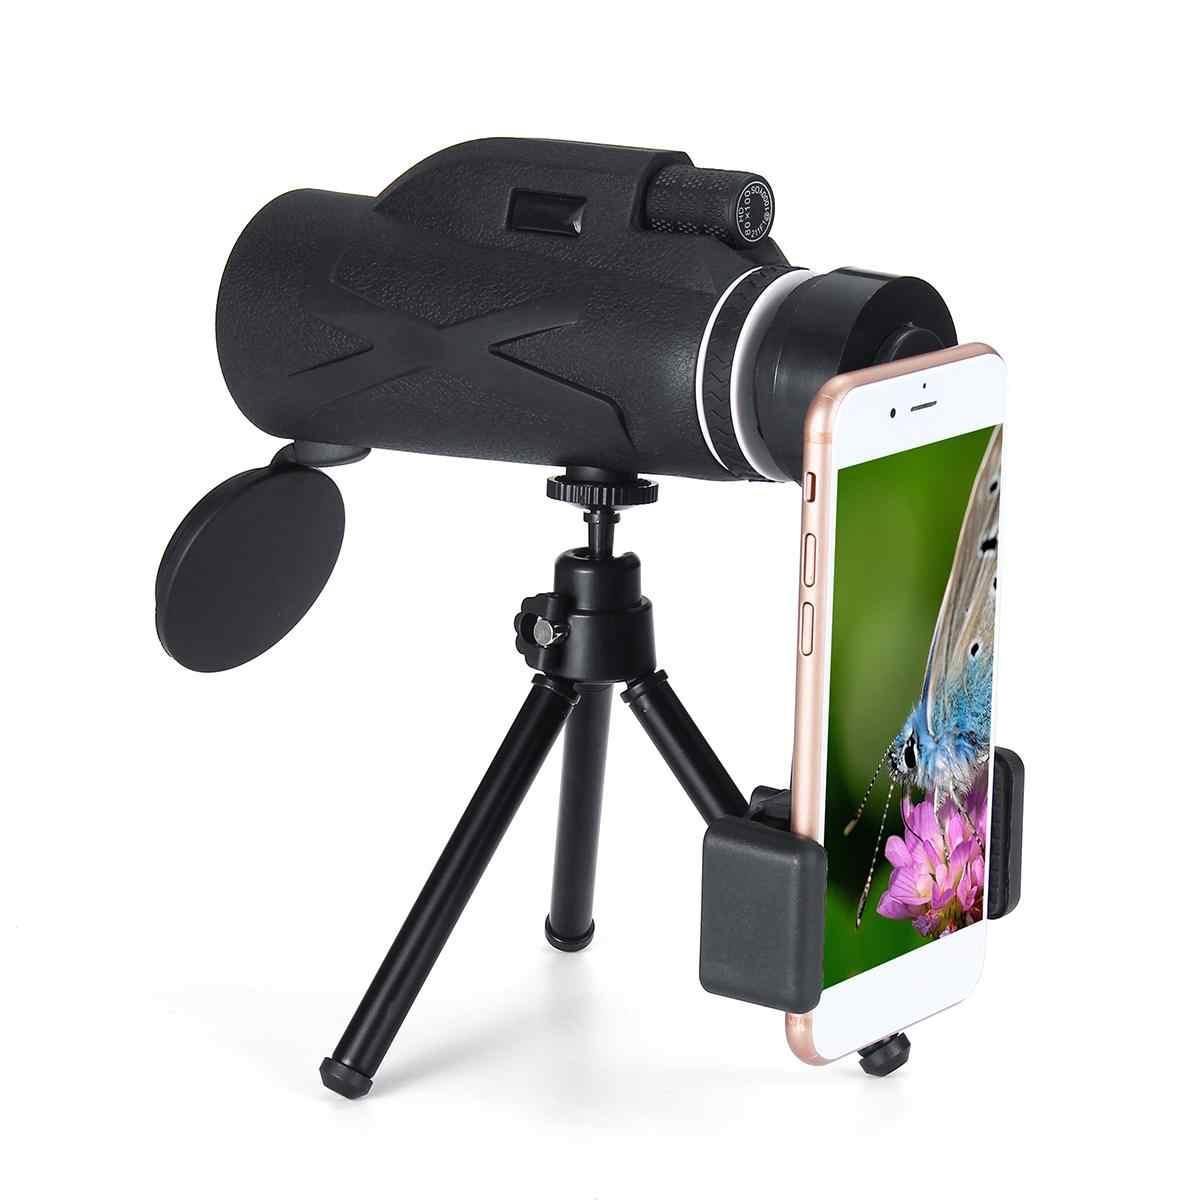 80 × 100 倍率ポータブル単眼望遠鏡双眼鏡ズーム偉大なハンドヘルド望遠鏡軍事 Hd 強力な狩猟